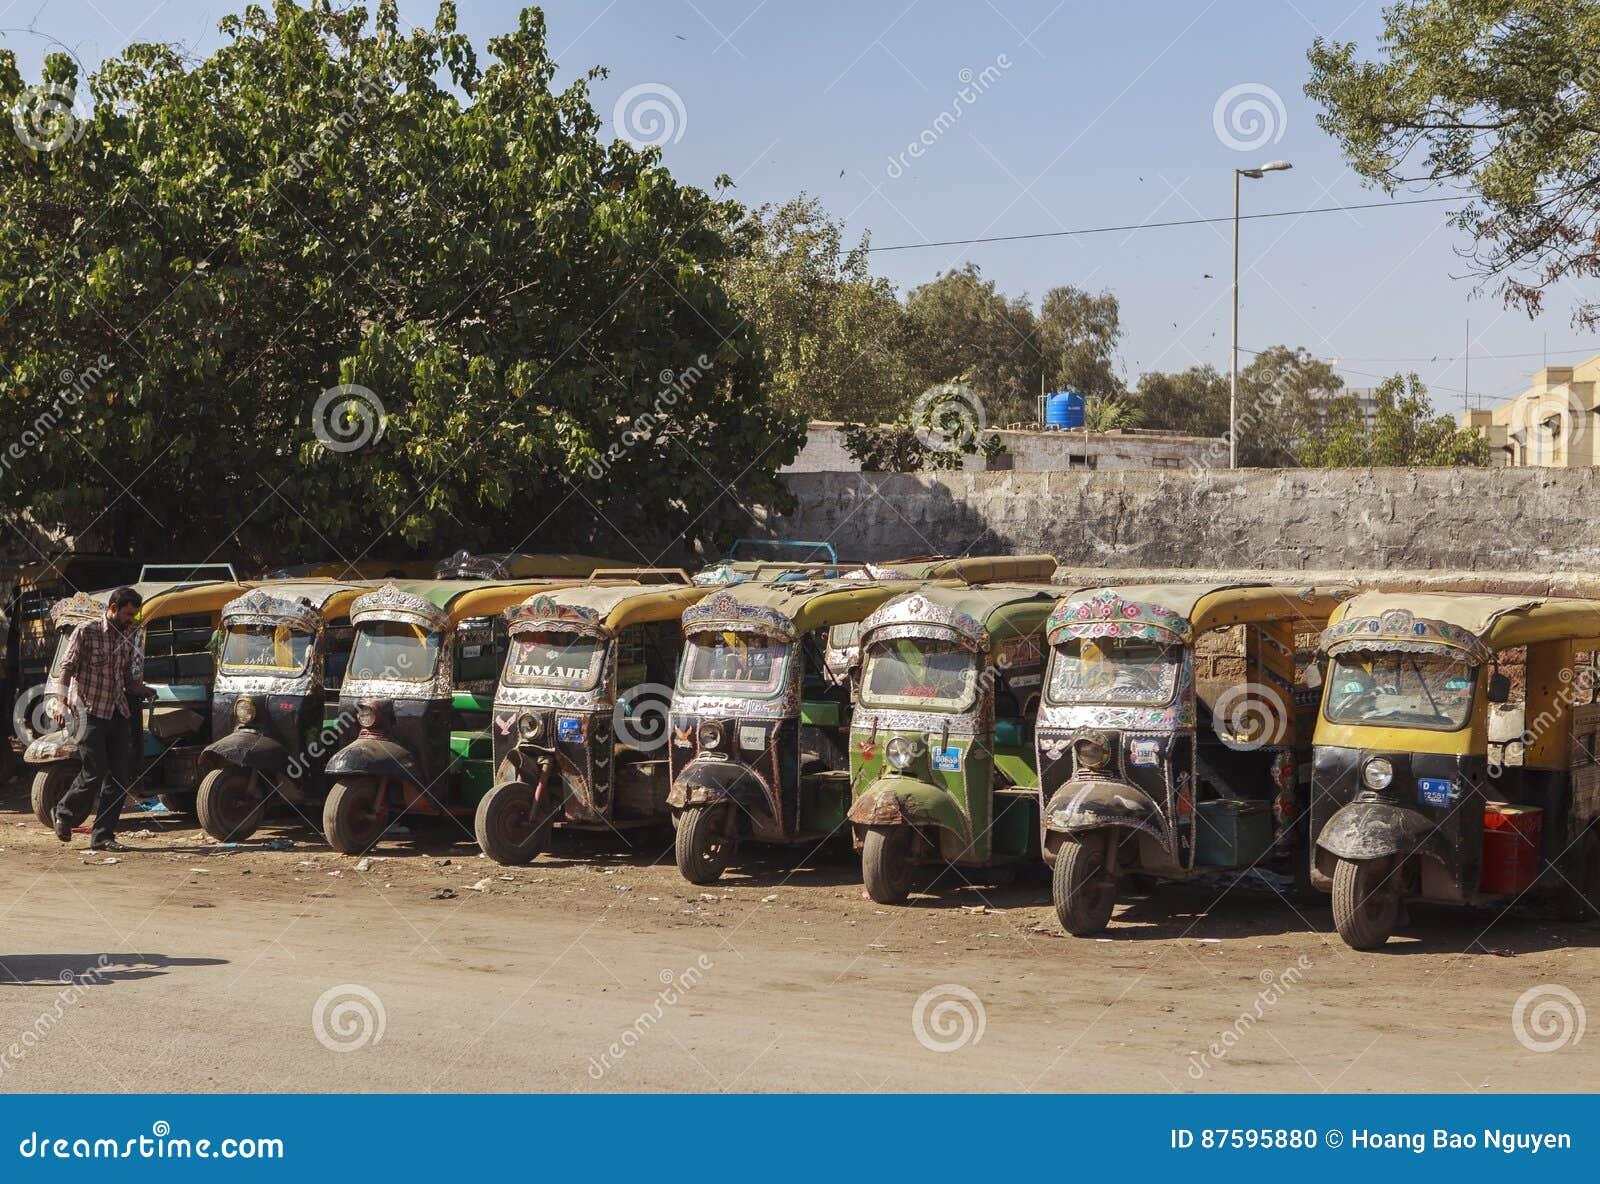 Transport in Pakistan